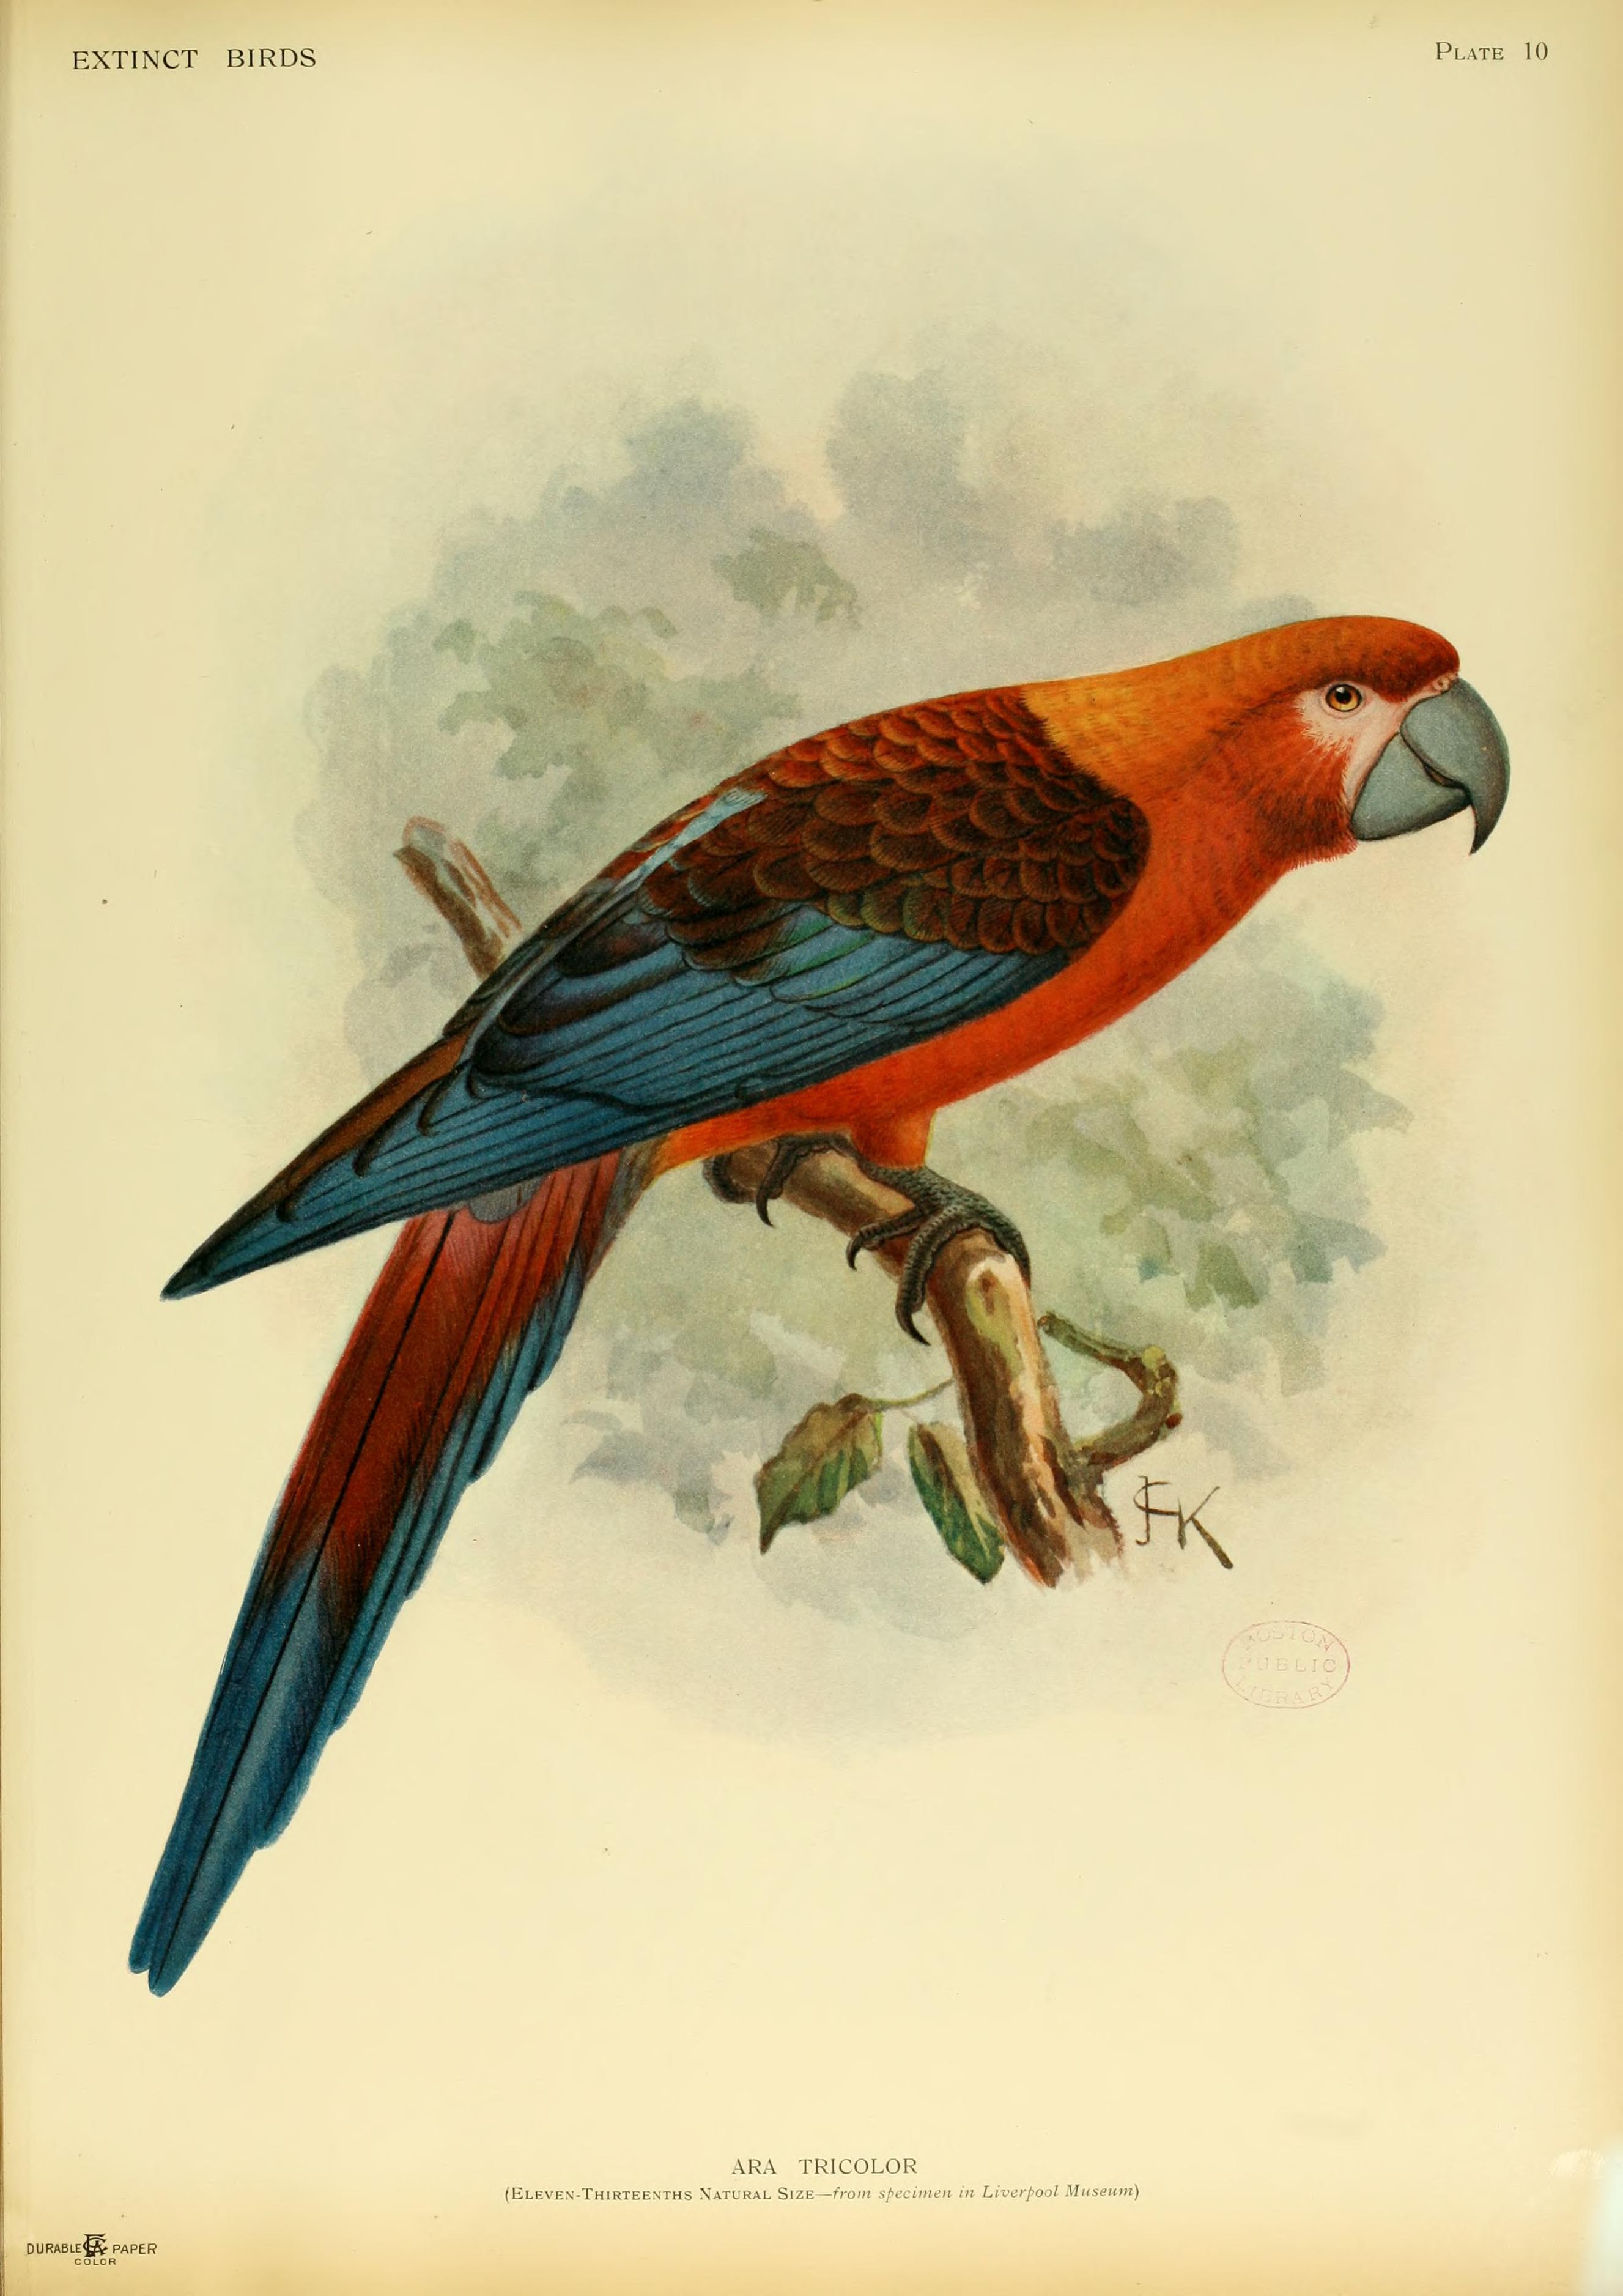 Вымершие и уничтоженные виды попугаев и других птиц Extinctbirds1907_P10_Ara_tricolor0301